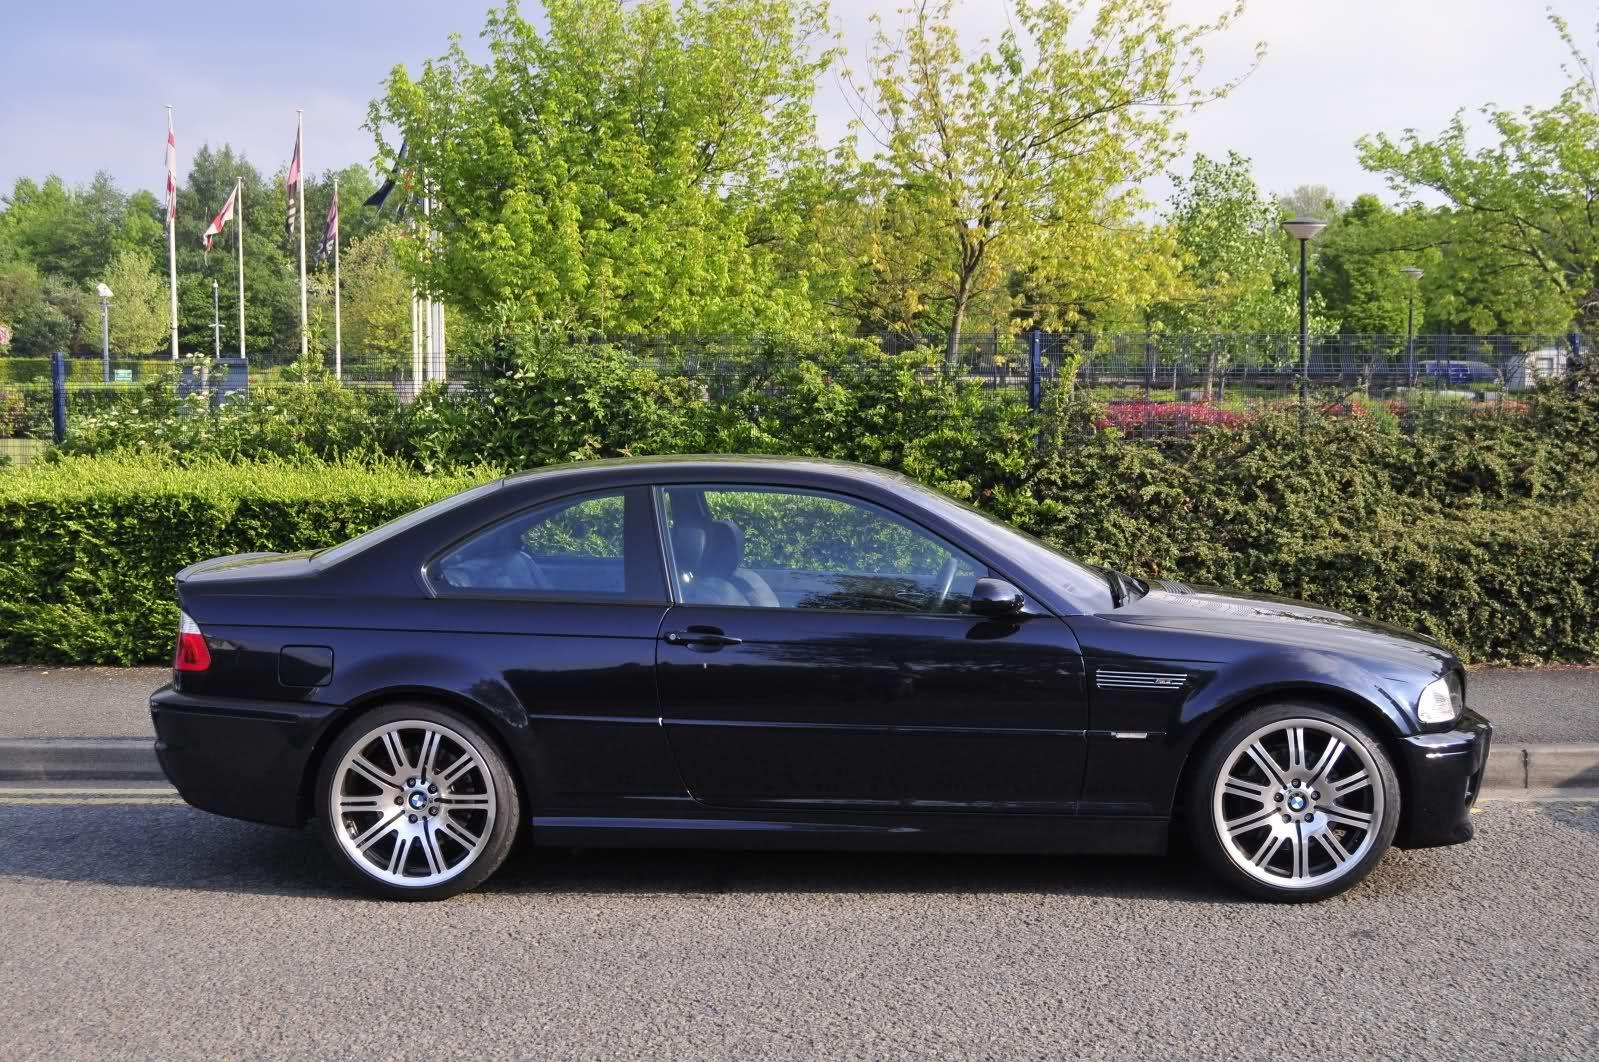 Bmw E46 M3 Csl Carbonschwarz Black Beauty